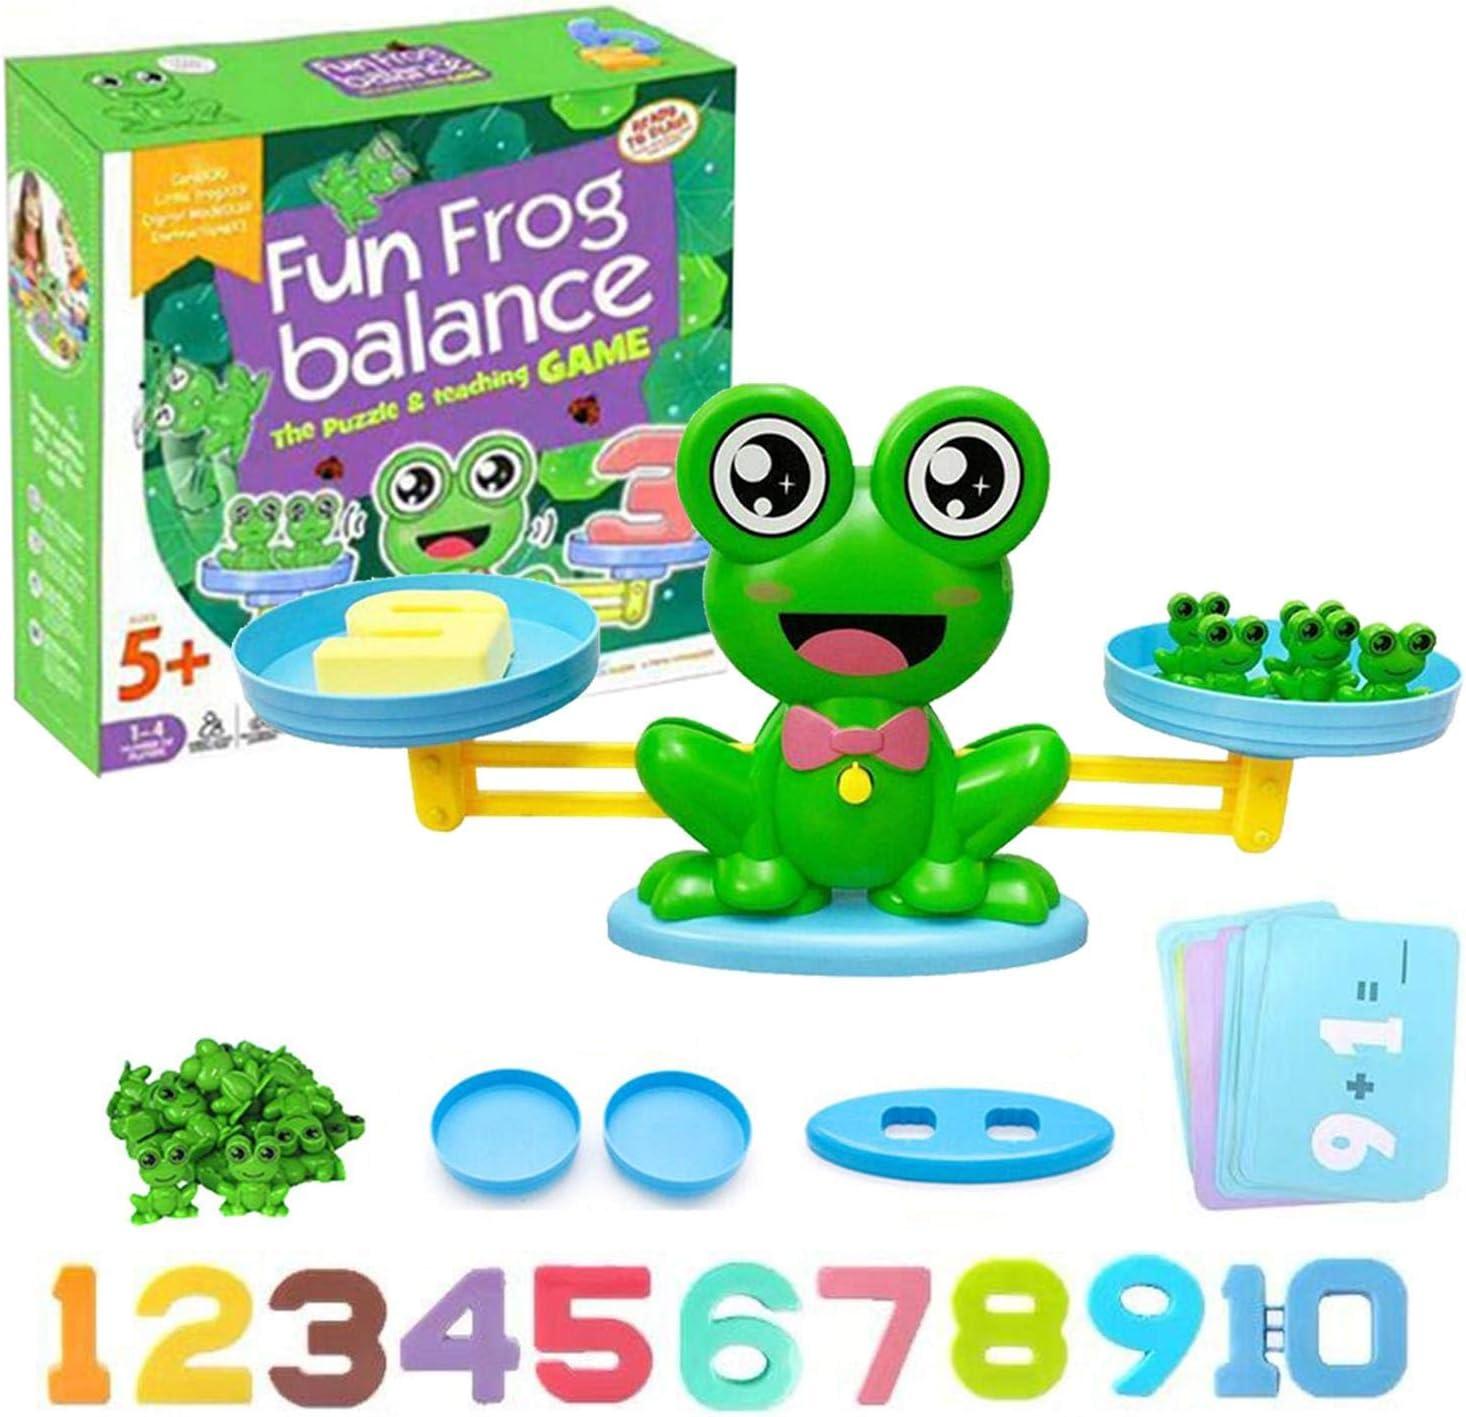 Mathe Waage Spielzeug,Z/ählen und Rechnen Lernspielzeug mit Waage und Zubeh/ör,Cartoon Tier Frosch Balance Geschicklichkeit Spielzeug f/ür Kinder ab 3 Jahhre